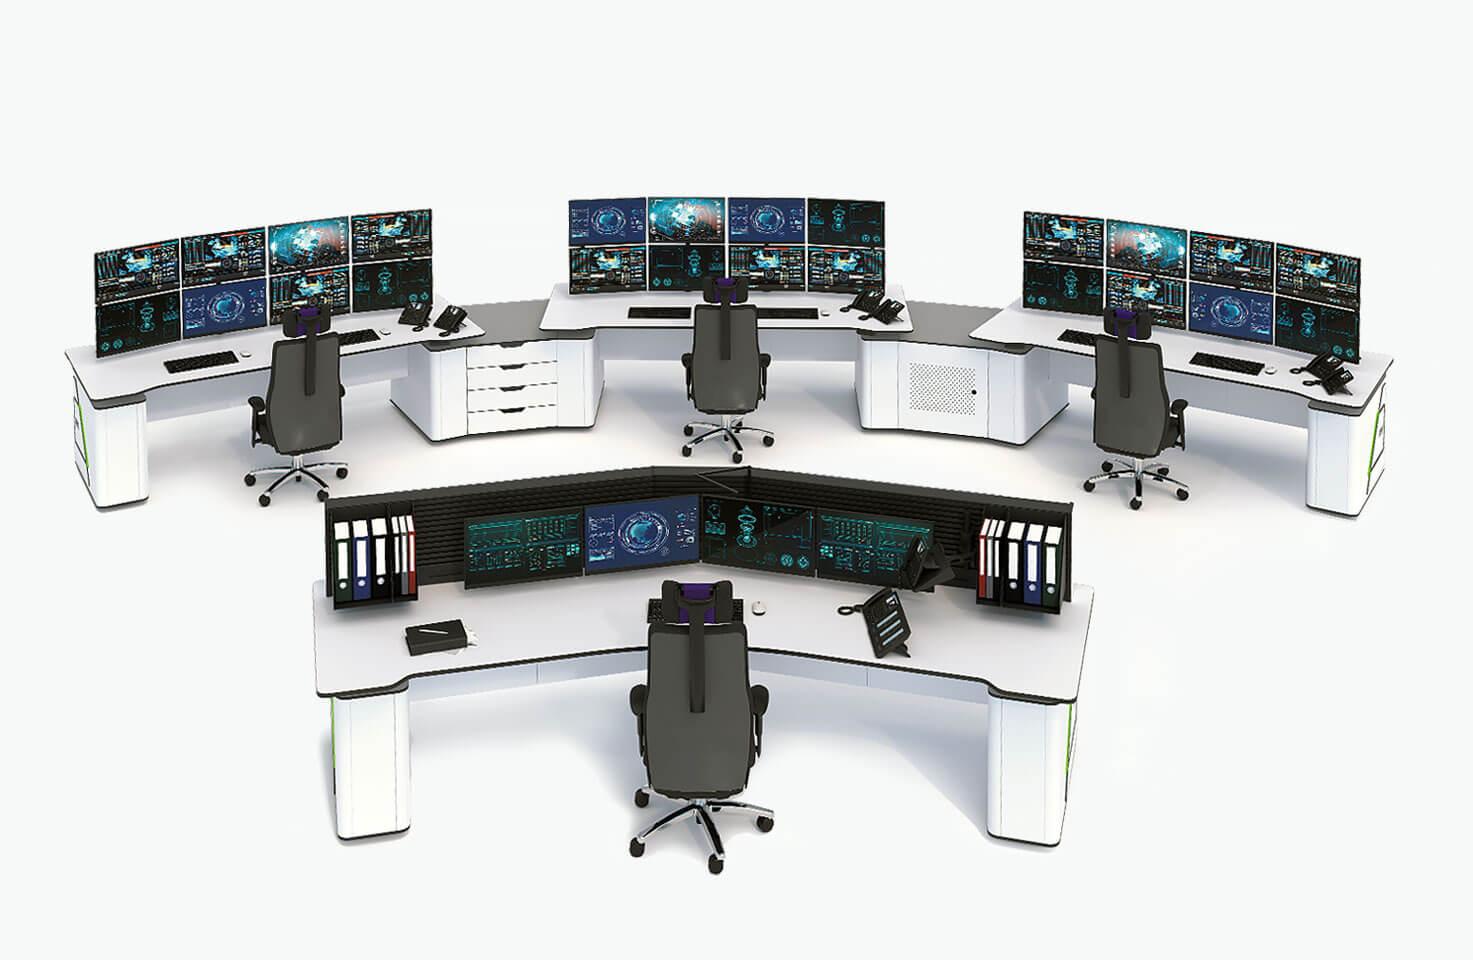 Диспетчерская мебель Атлант ФОРТ для управляющих и старшего диспетчера в групповой конфигурации